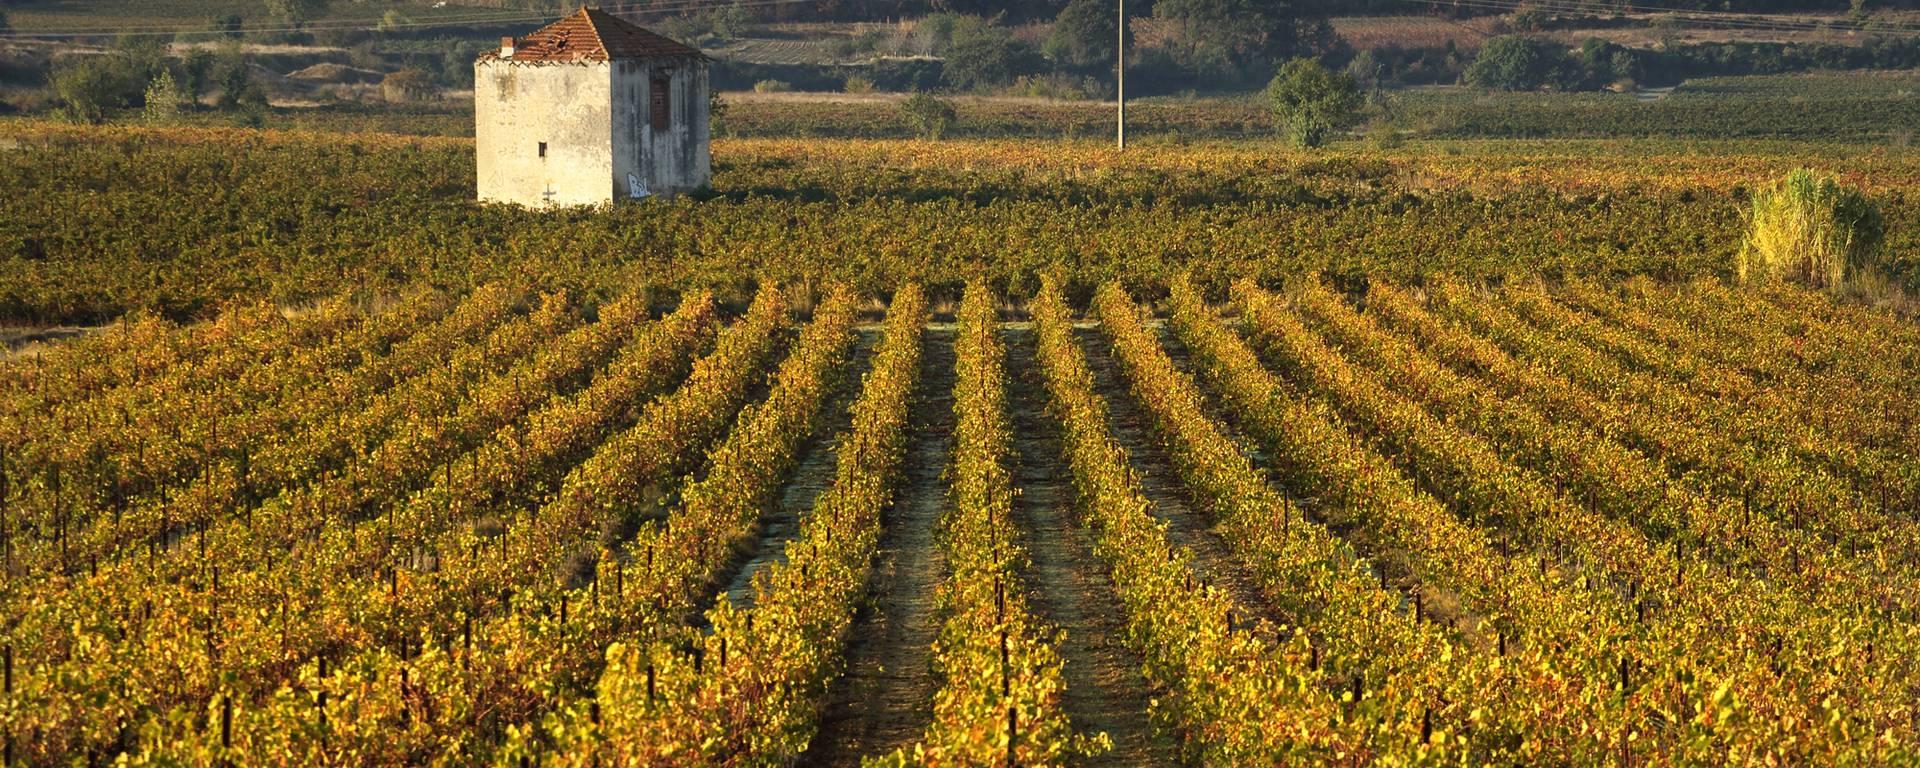 Mazet et vignes Cotes de Thongue ©G.Souche